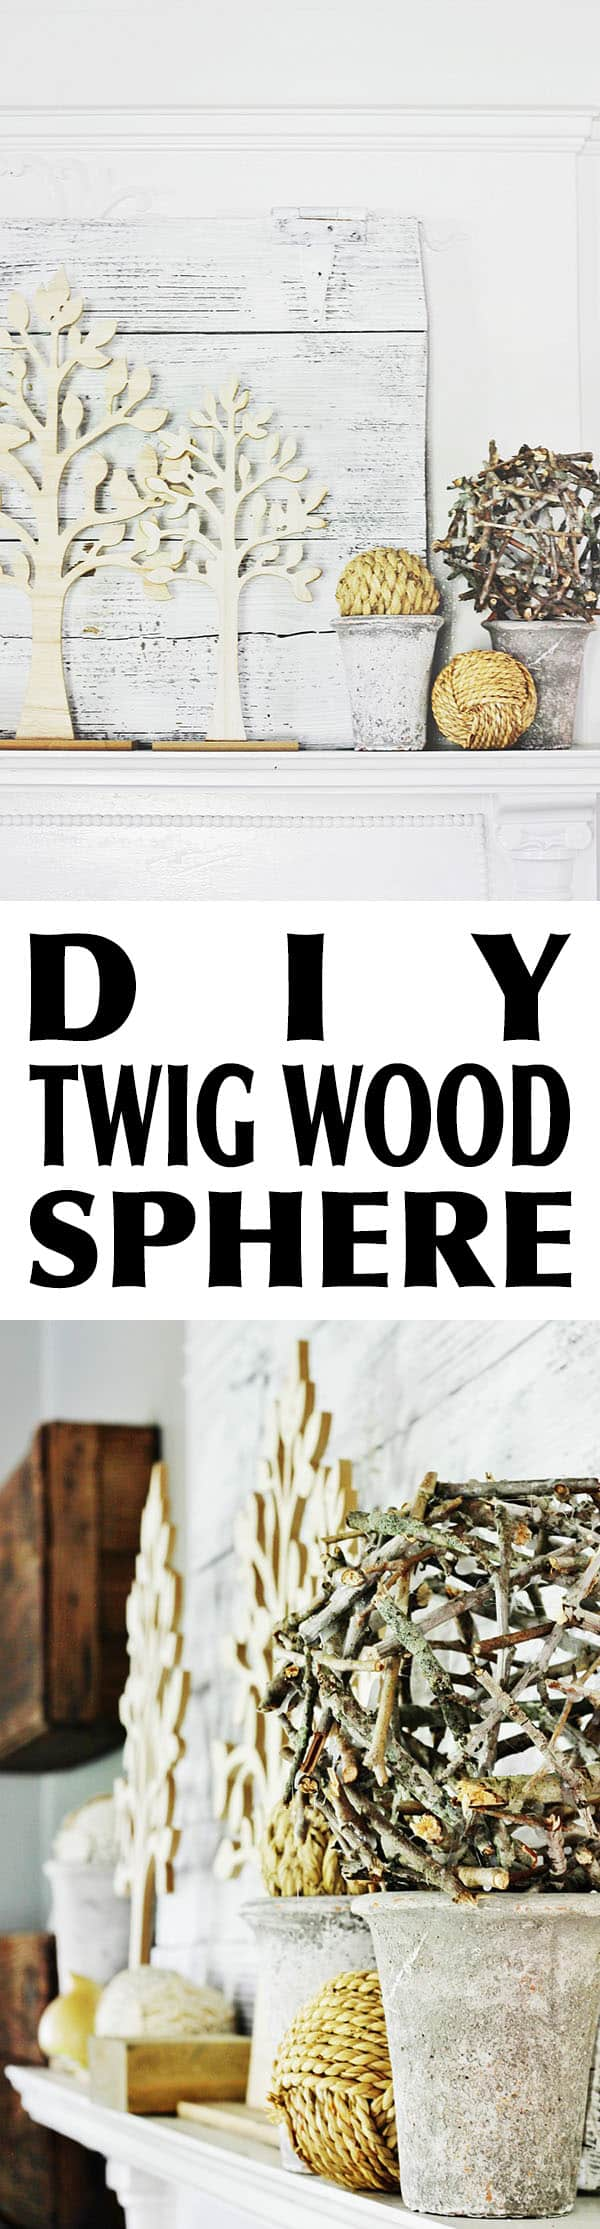 twig-wood-sphere-TOWER